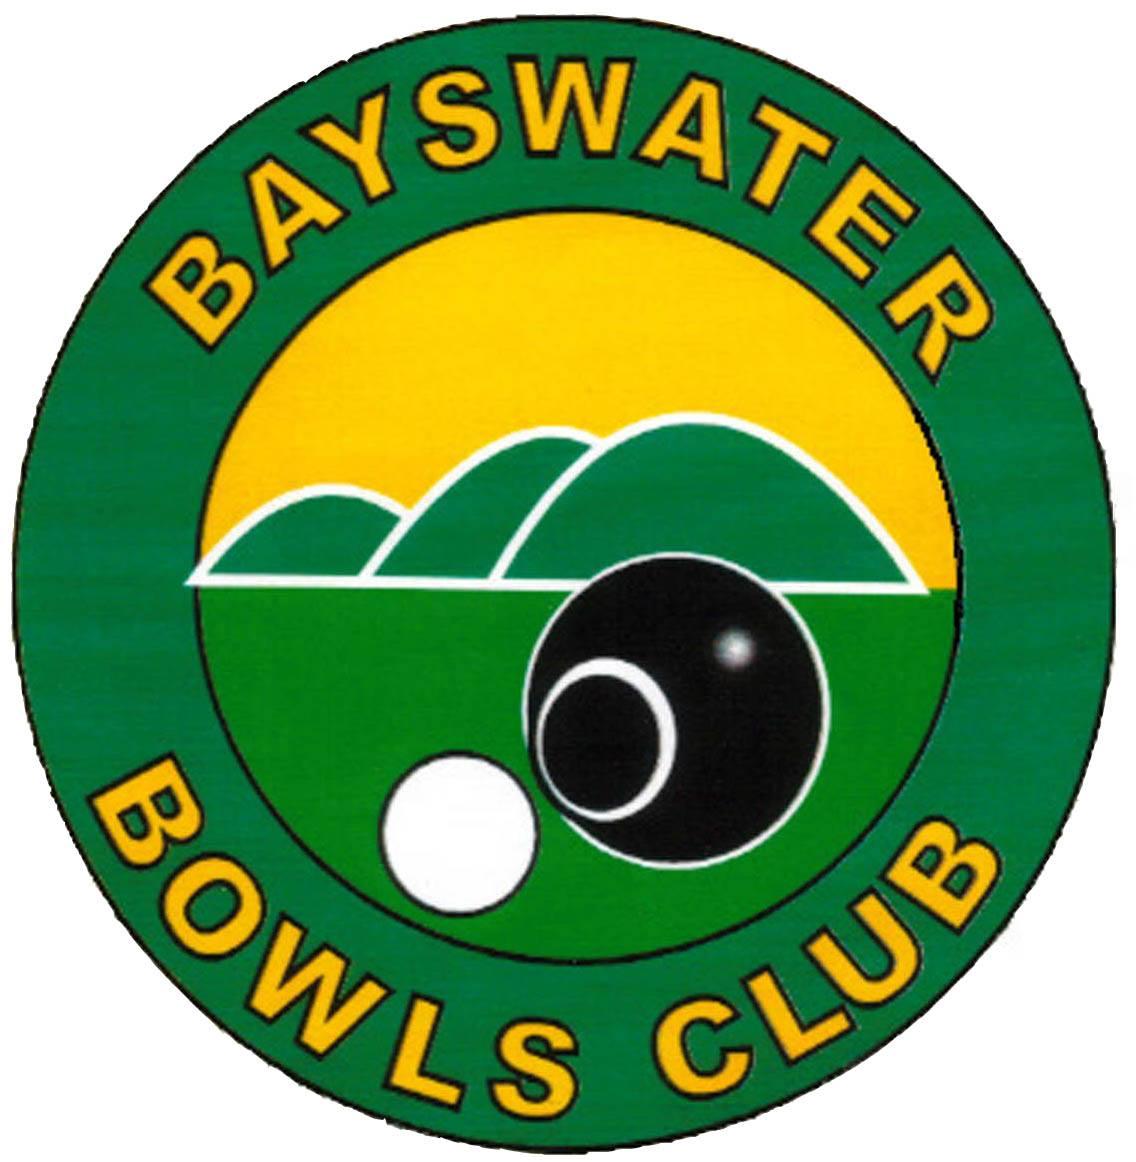 Bayswater Bowls Club